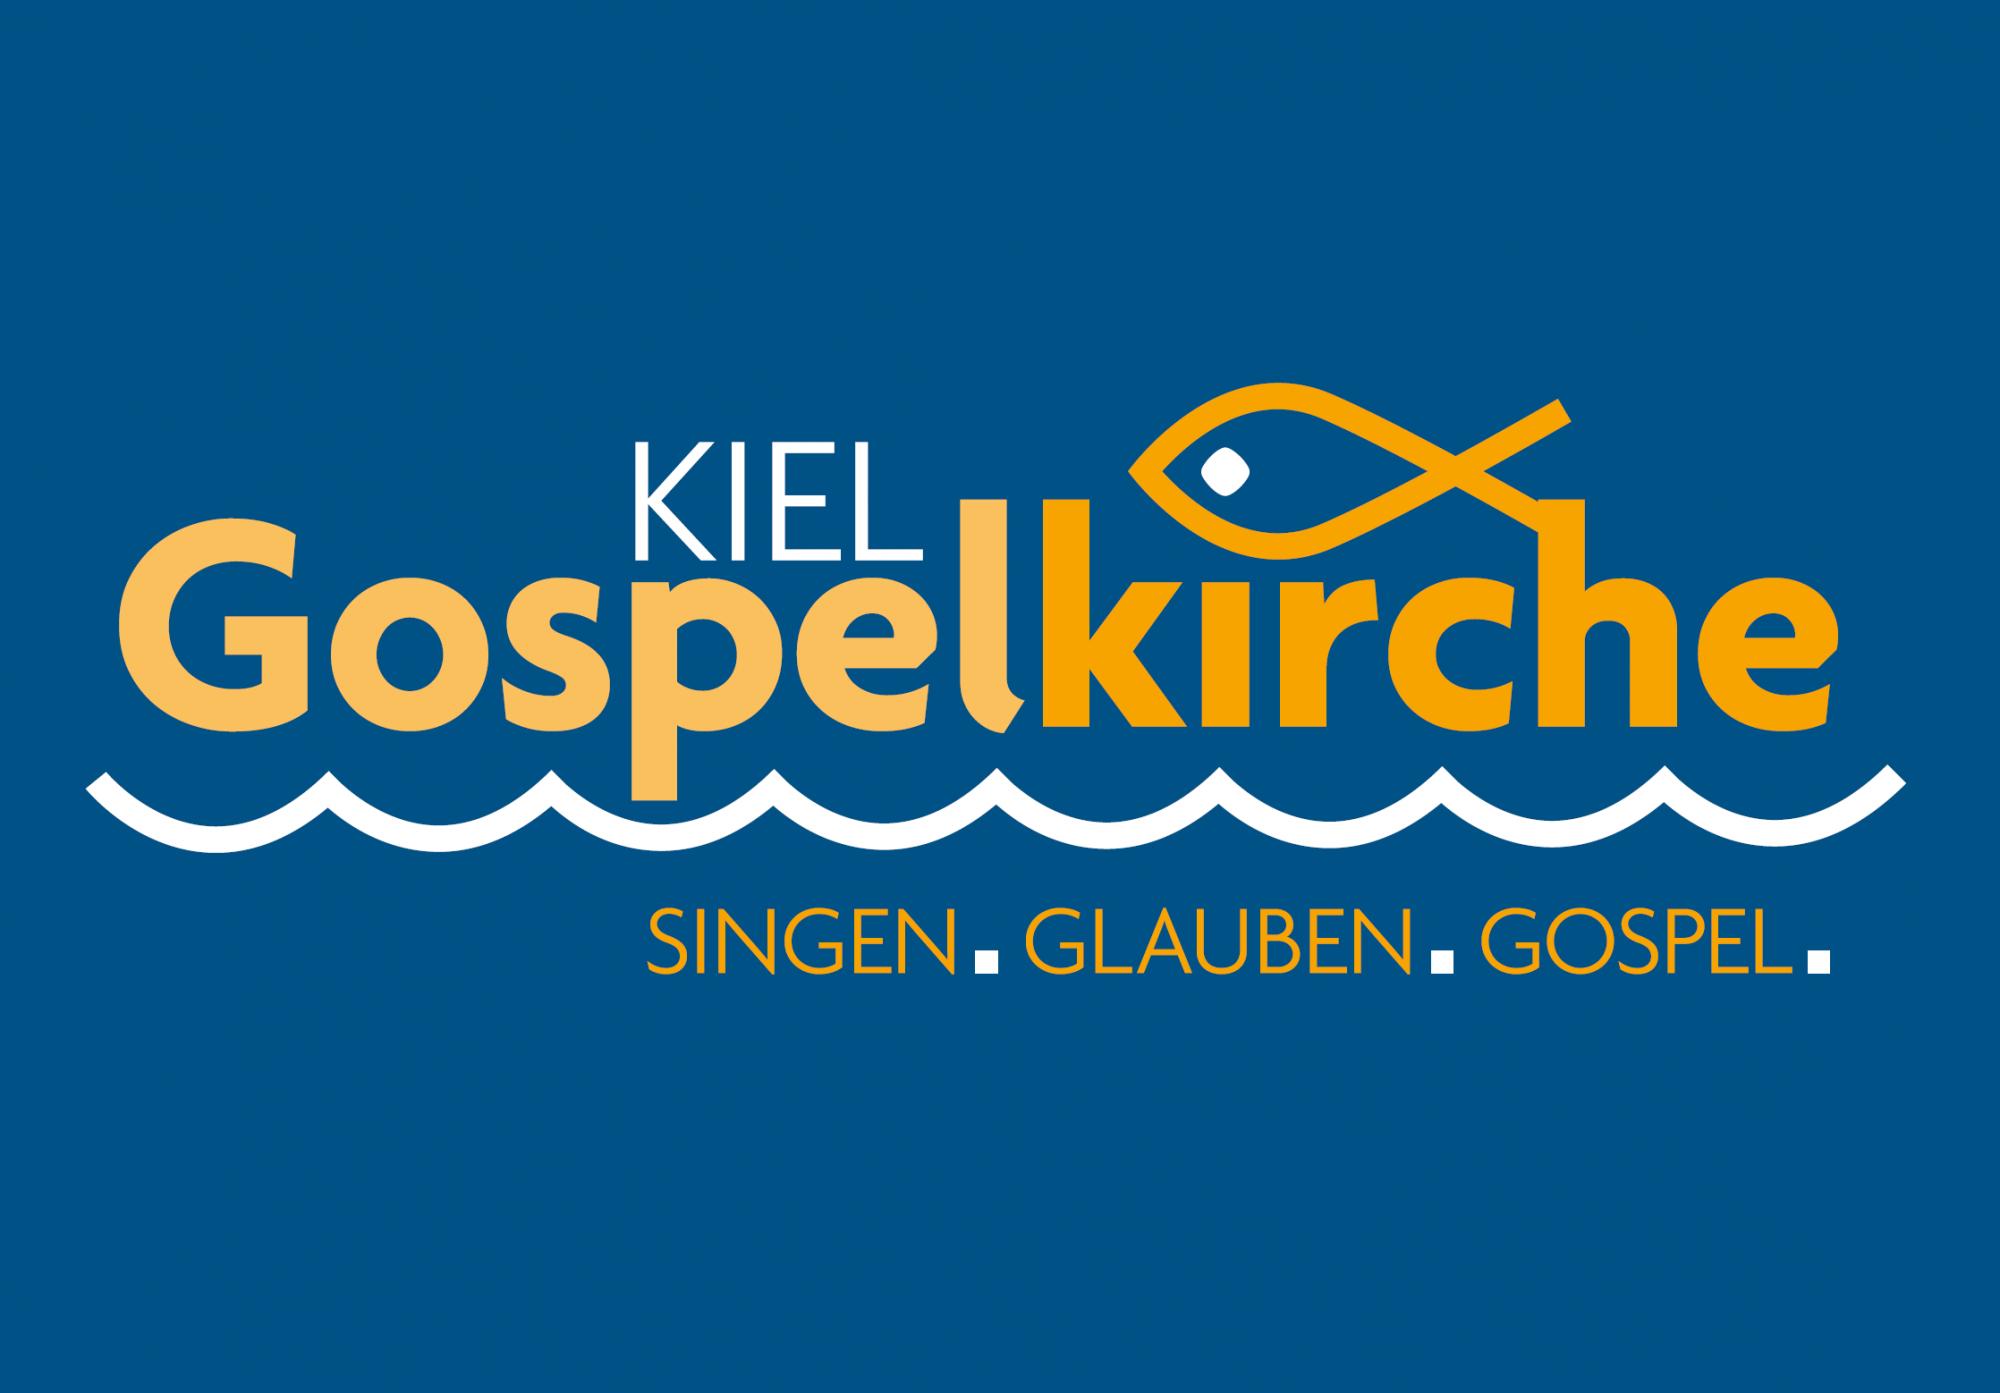 Gospelkirche Kiel